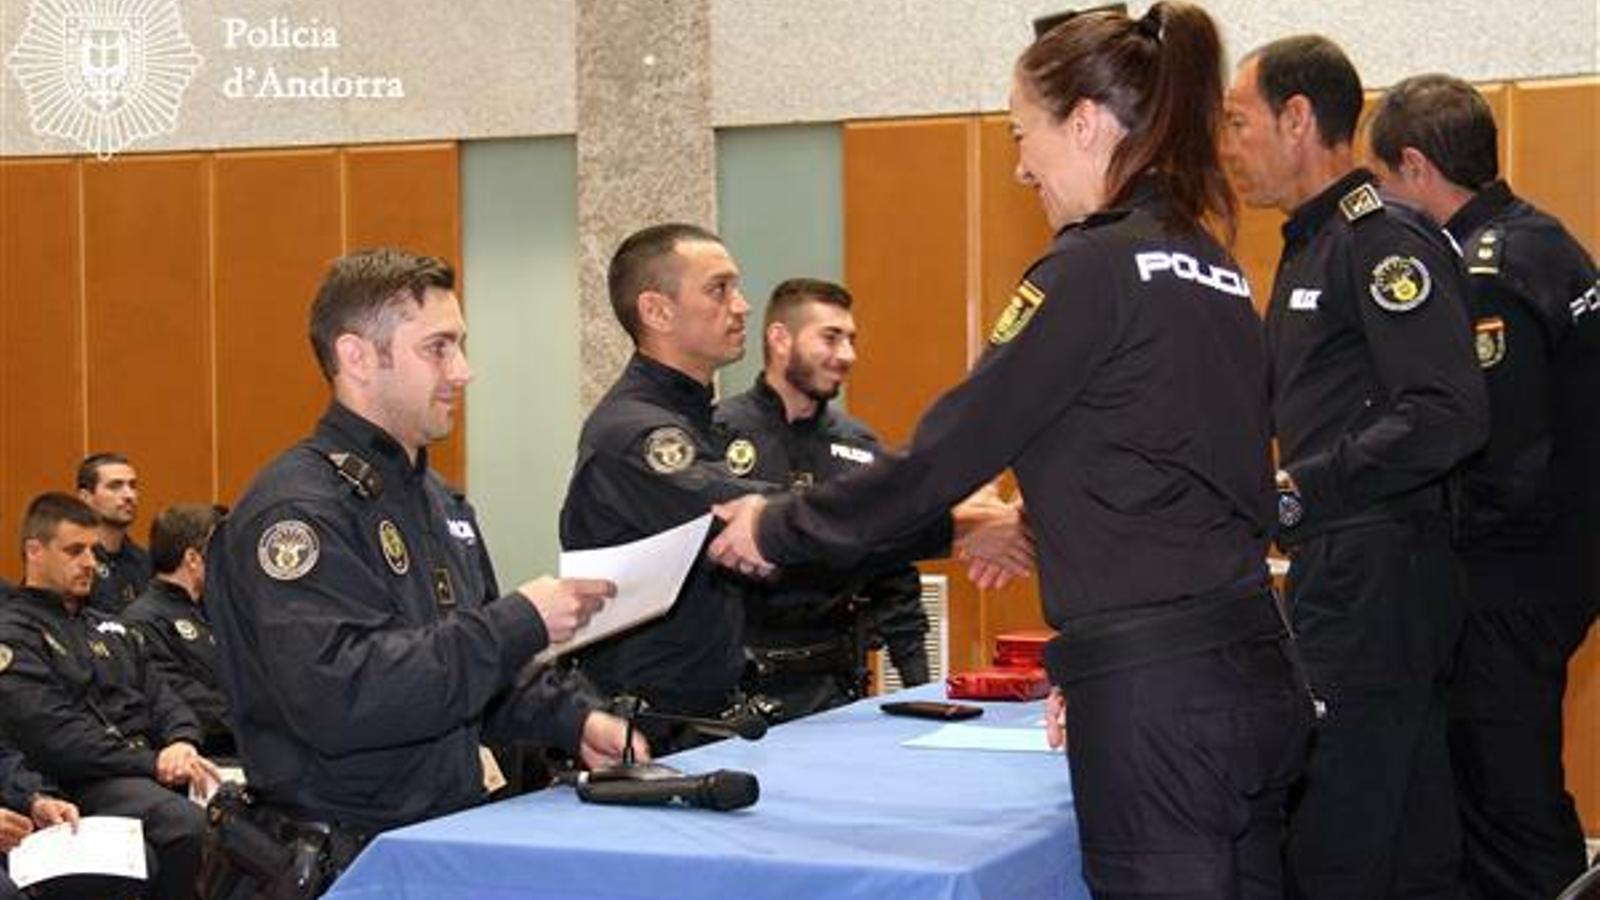 L'acte de lliurament dels diplomes. / POLICIA D'ANDORRA